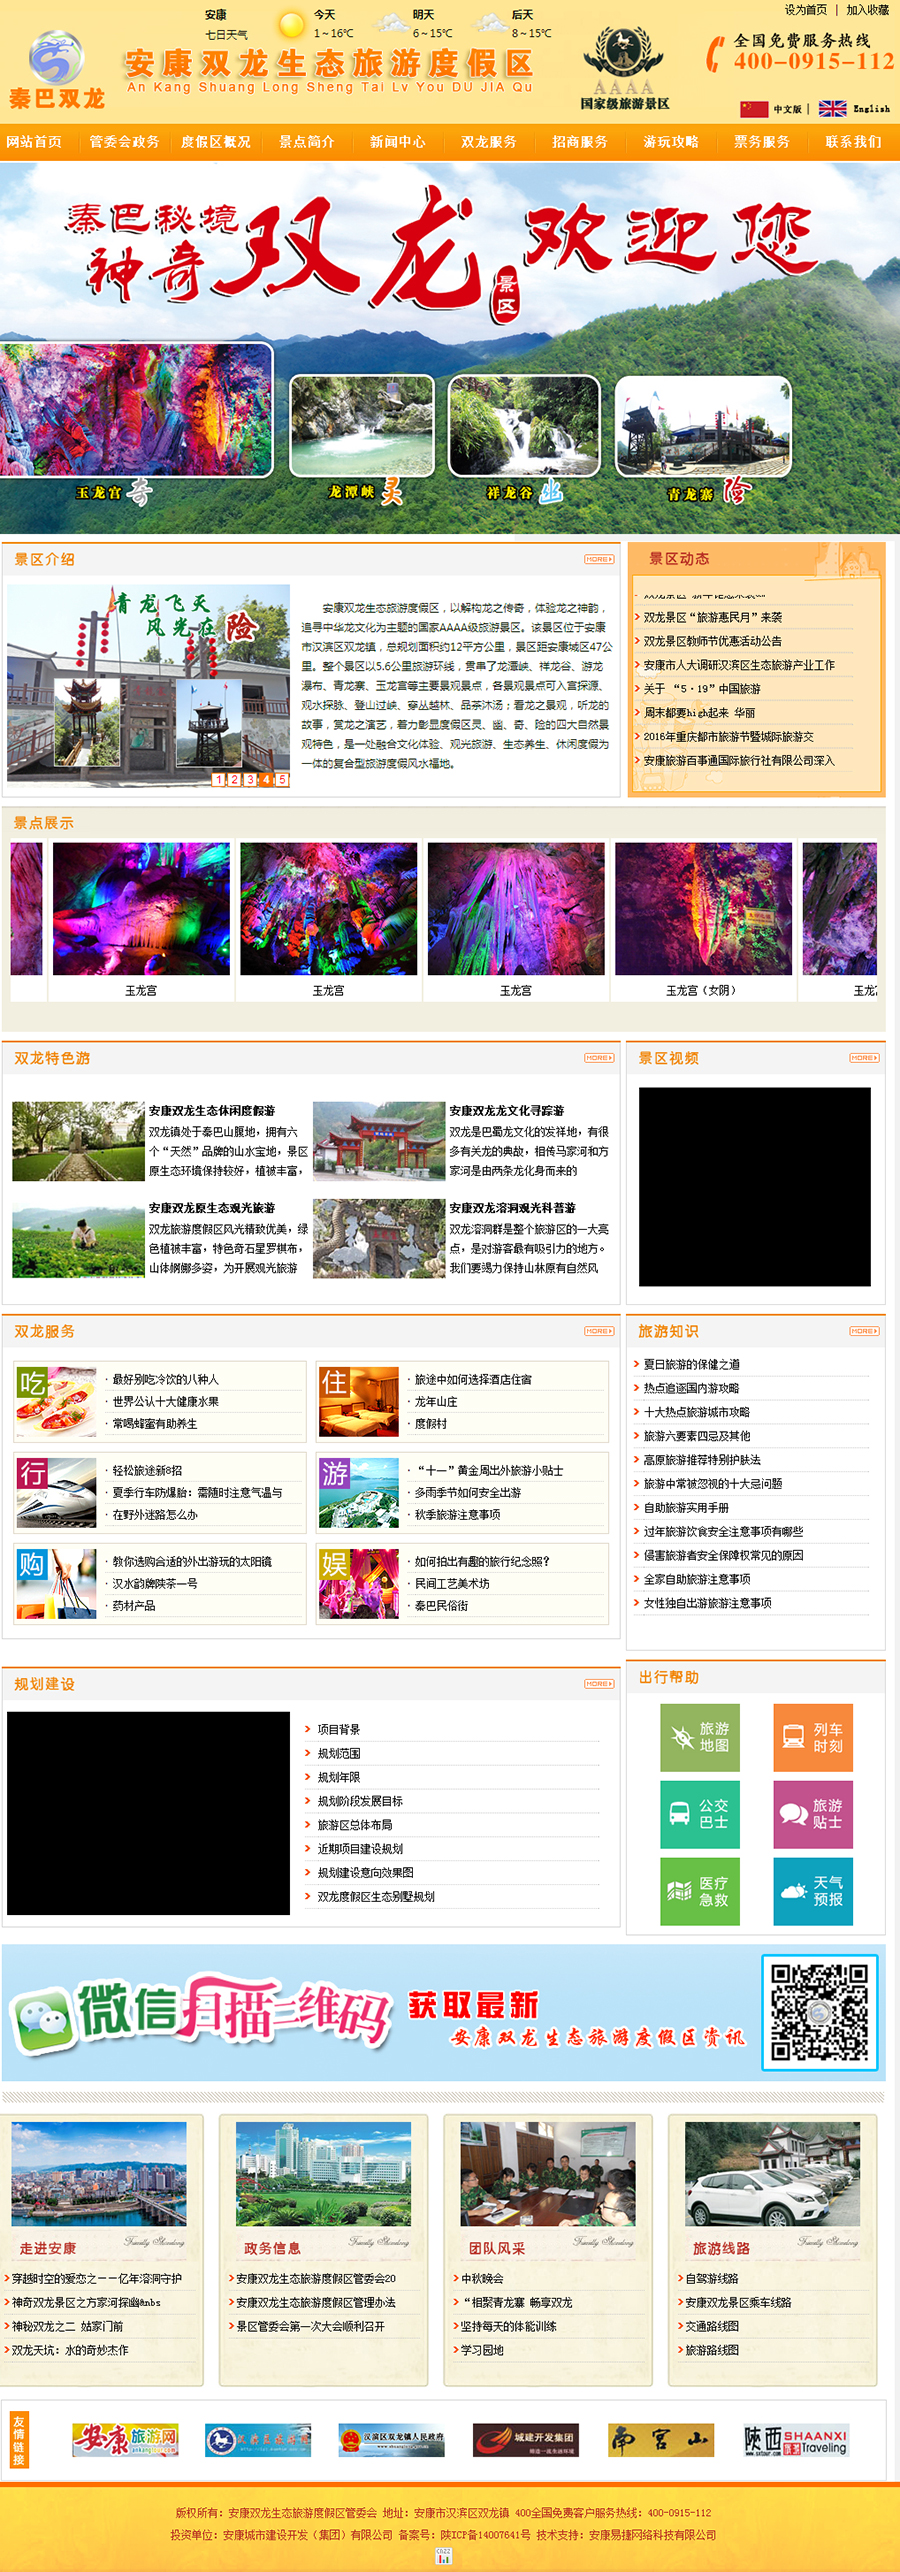 11安康双龙生态旅游度假区官网-安康双龙溶洞-安康休闲度假区.jpg